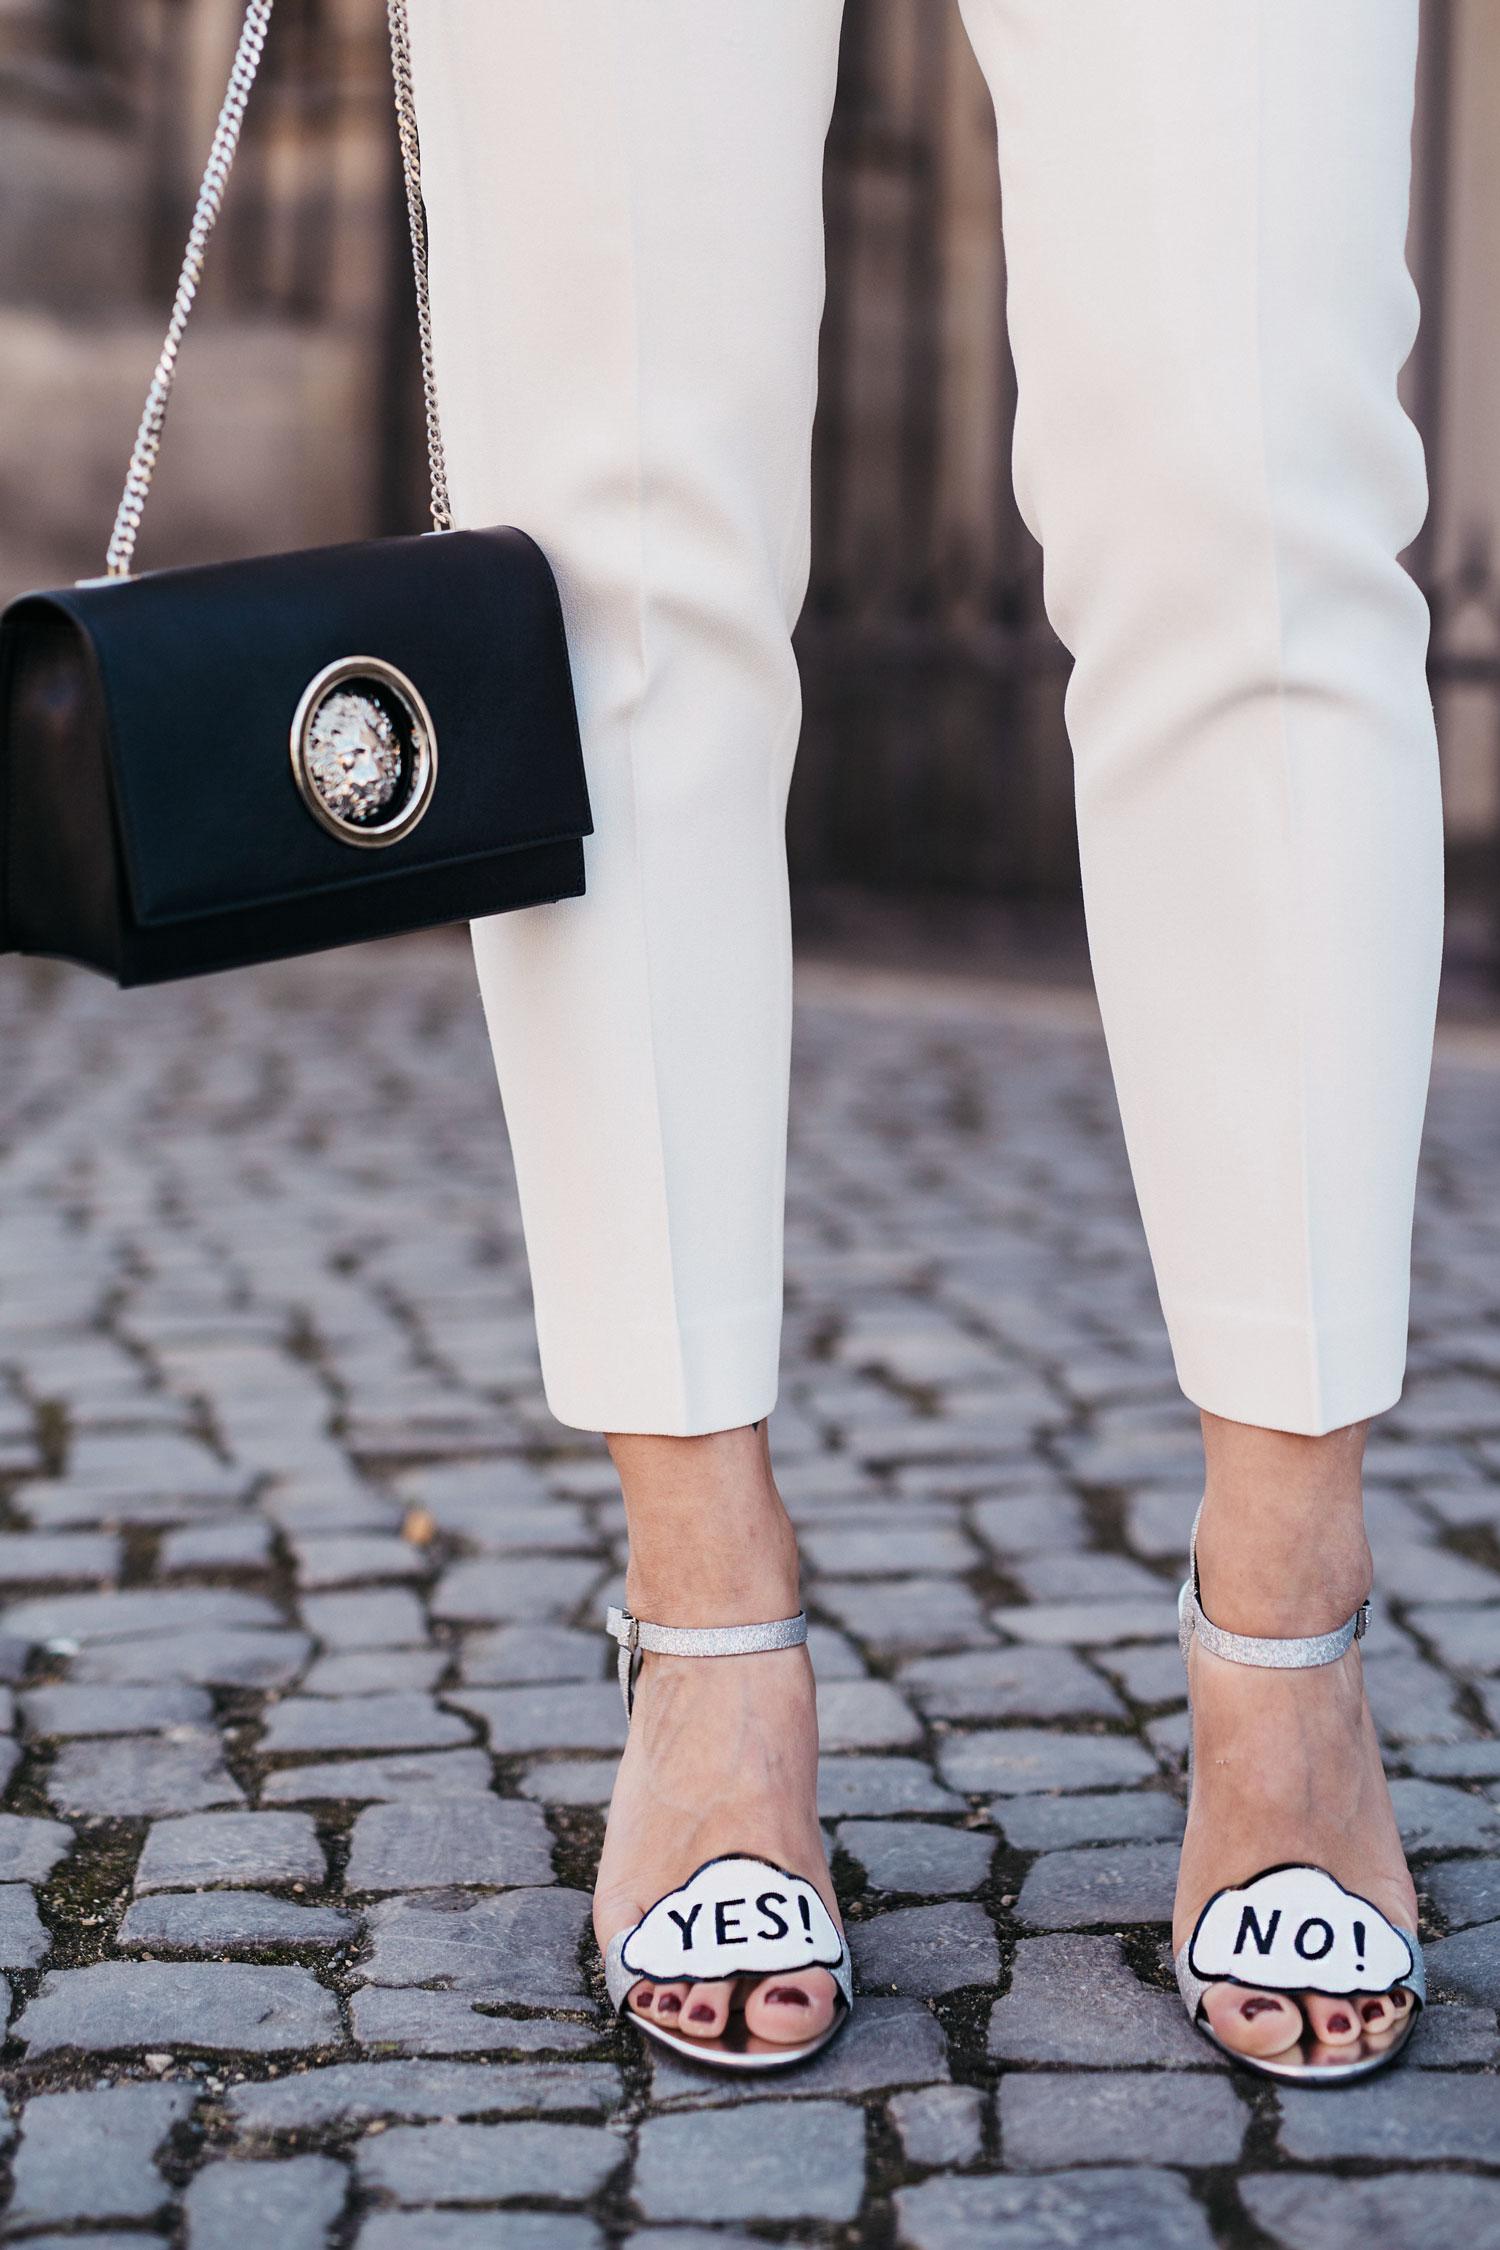 Как носить белые вещи и некоторые мысли об Insta-ненависти | Instagram, Instagate | стиль: холодный, деловой, шикарный, легкий, минималистский, ребяческий, девчонка-сорванец | образ: Masha Sedgwick, Блоггер из Берлина